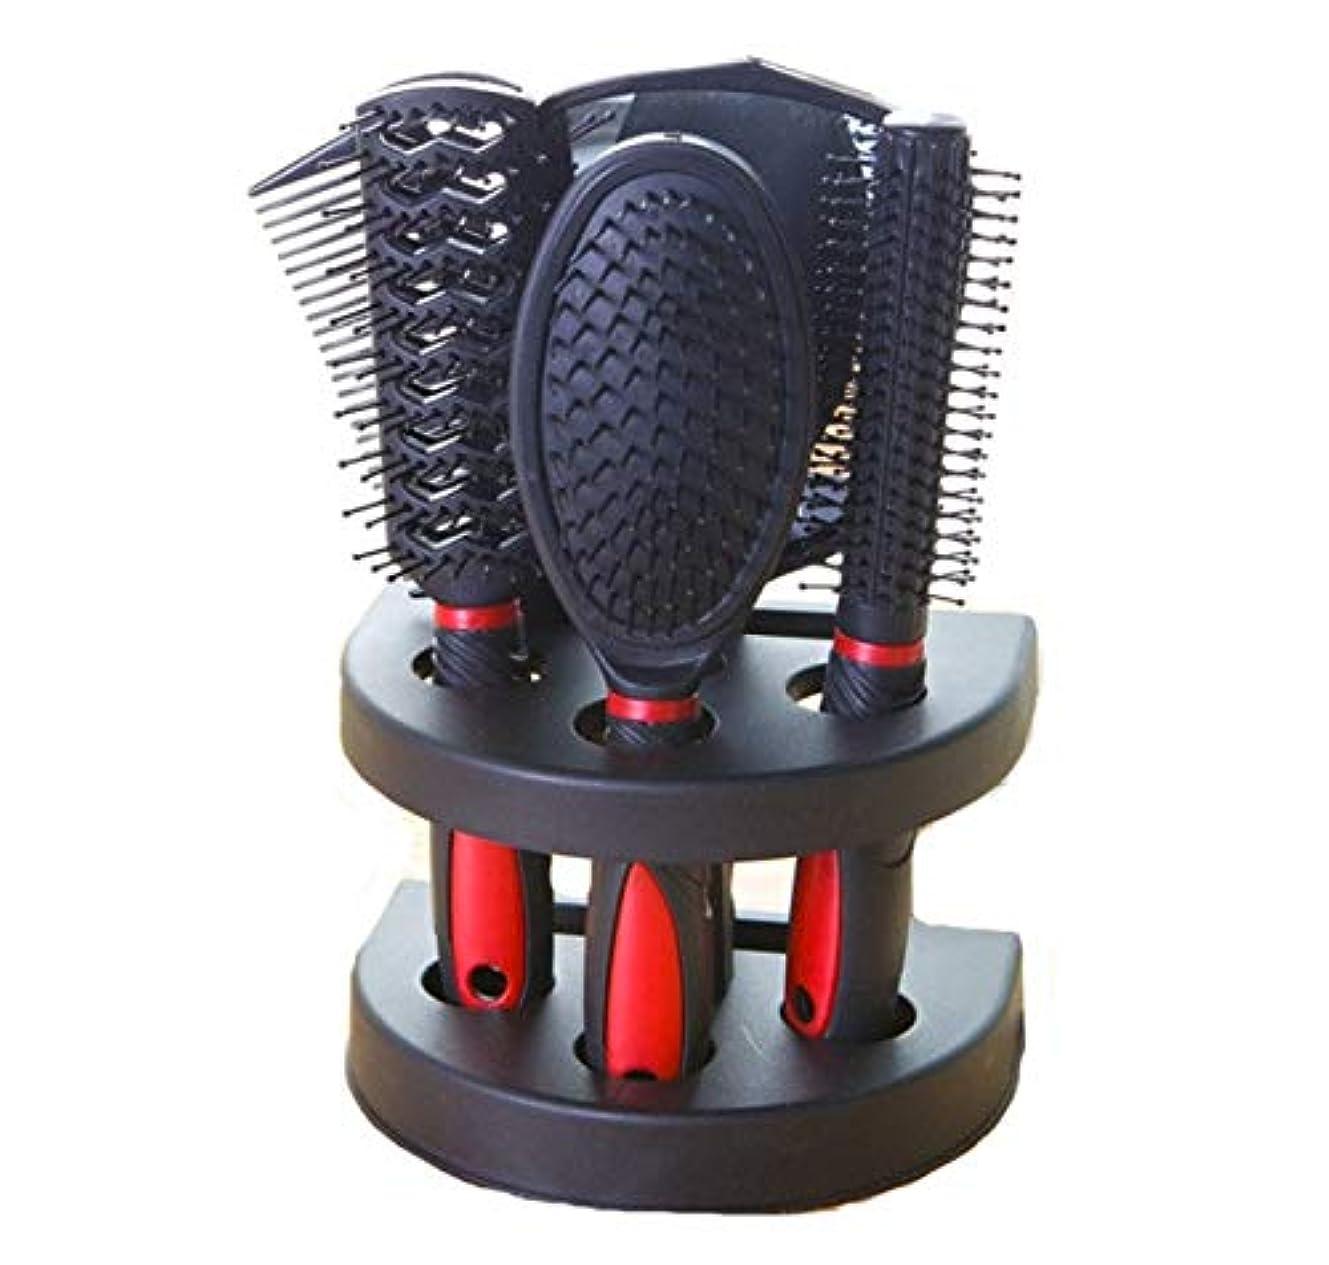 妖精兄弟愛政府ヘアコーム、赤いマッサージコーム、ミラー付き環境に優しいコーム、帯電防止エアバッグコーム、ロングヘアコーム、ヘアコーム、理髪エアバッグコーム5ピースセット、理髪コームギフト